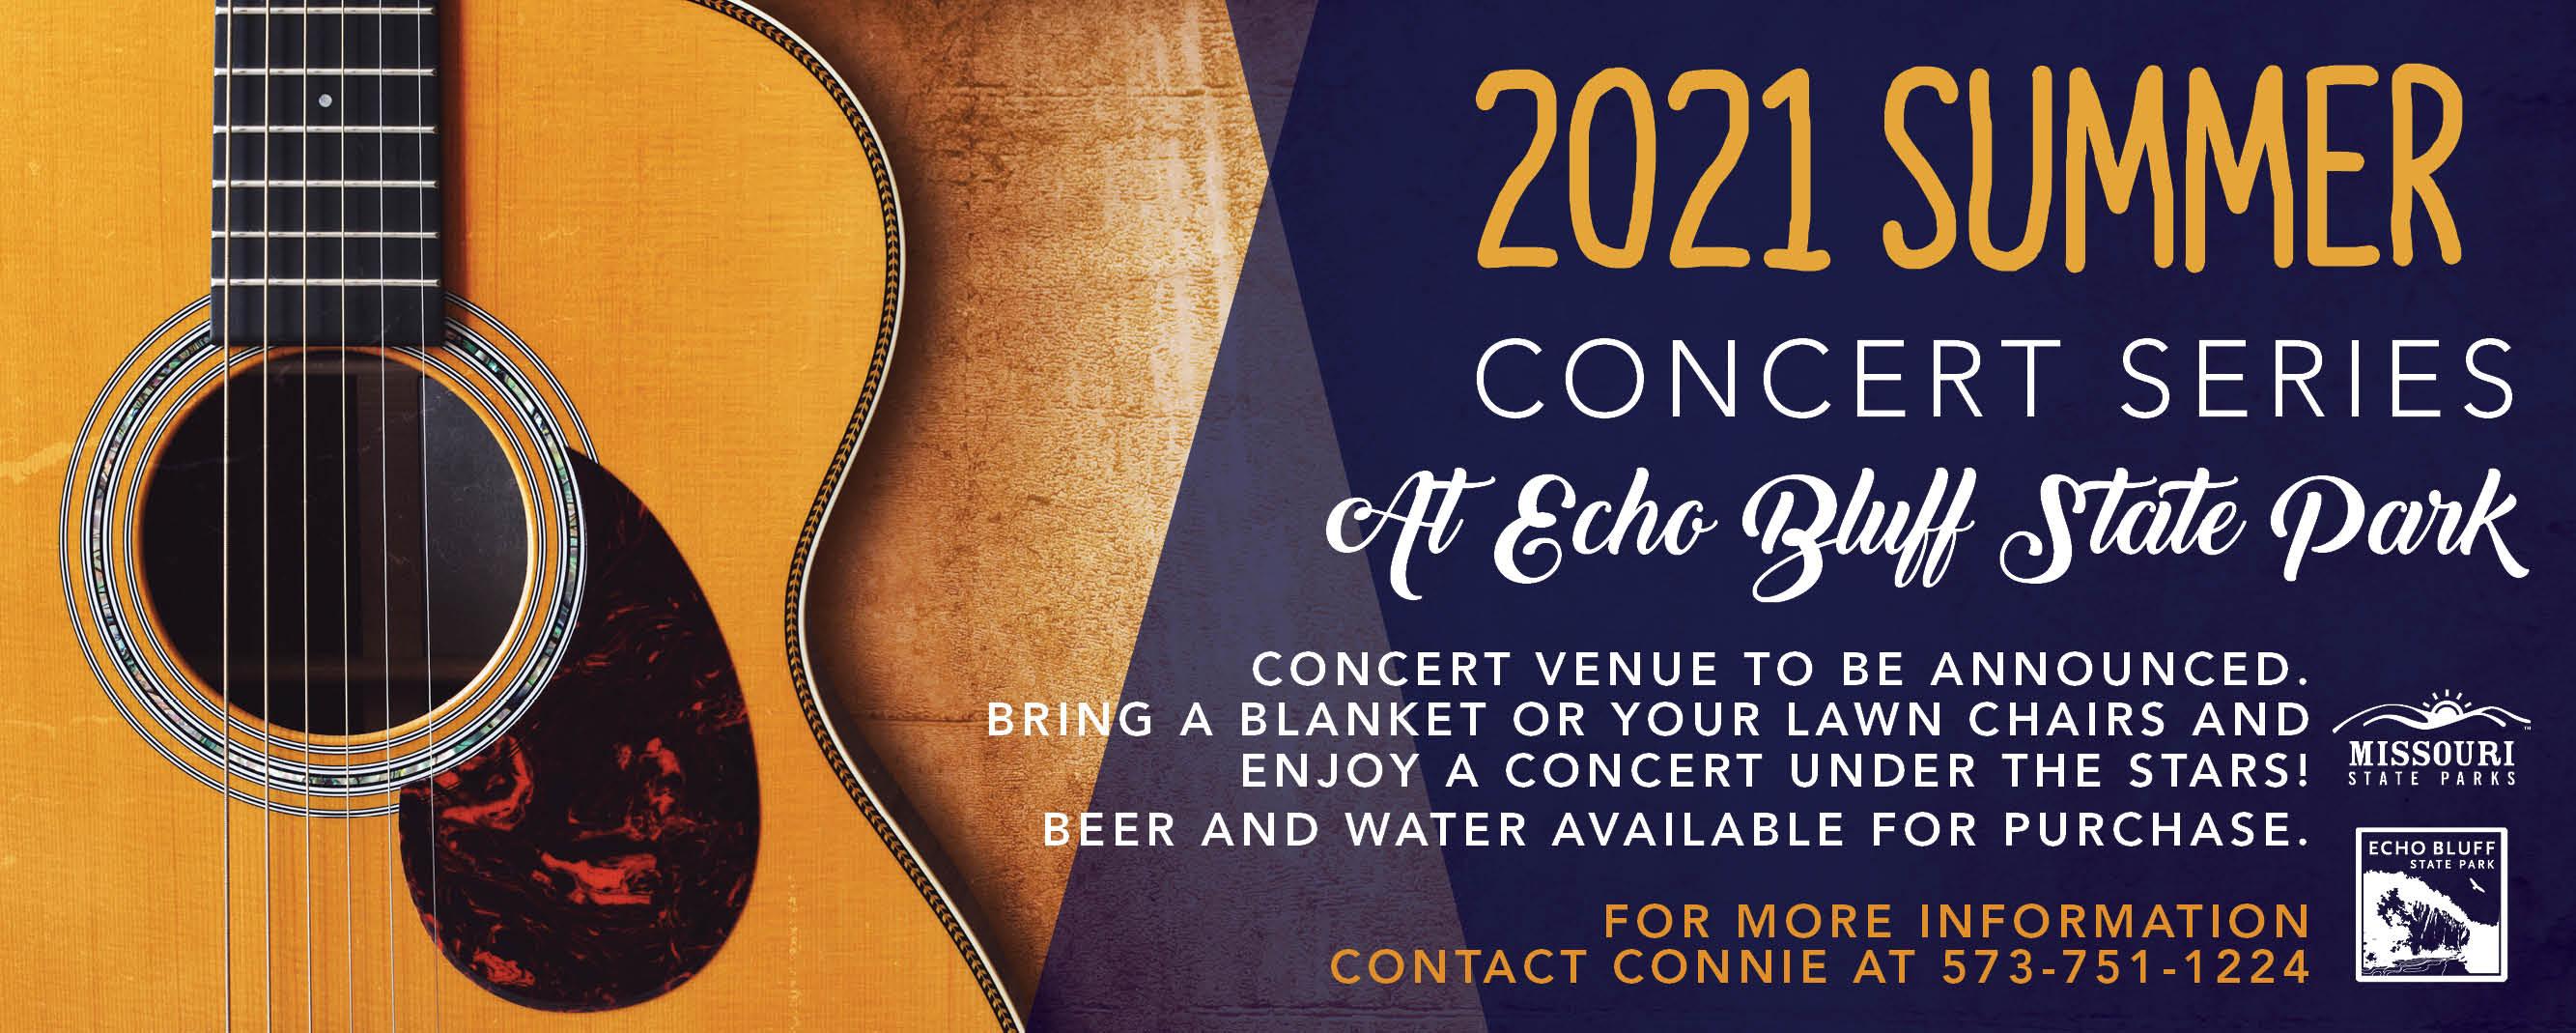 GSI21-ECH-l-SM-Summer-Concert-Series-FB-20210609